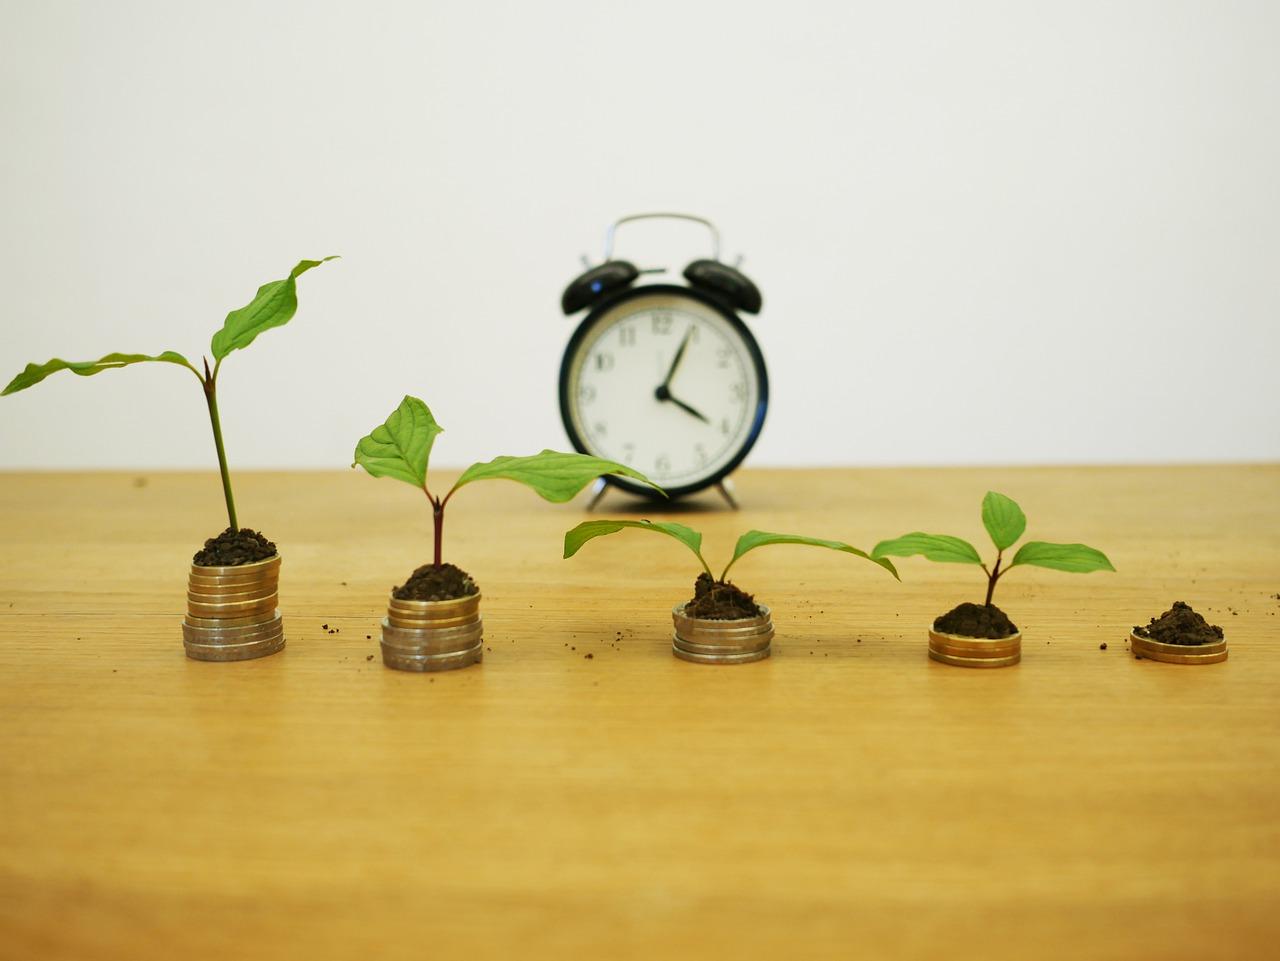 Хмельницькі агропідприємства залучили мільярд гривень капітальних інвестицій